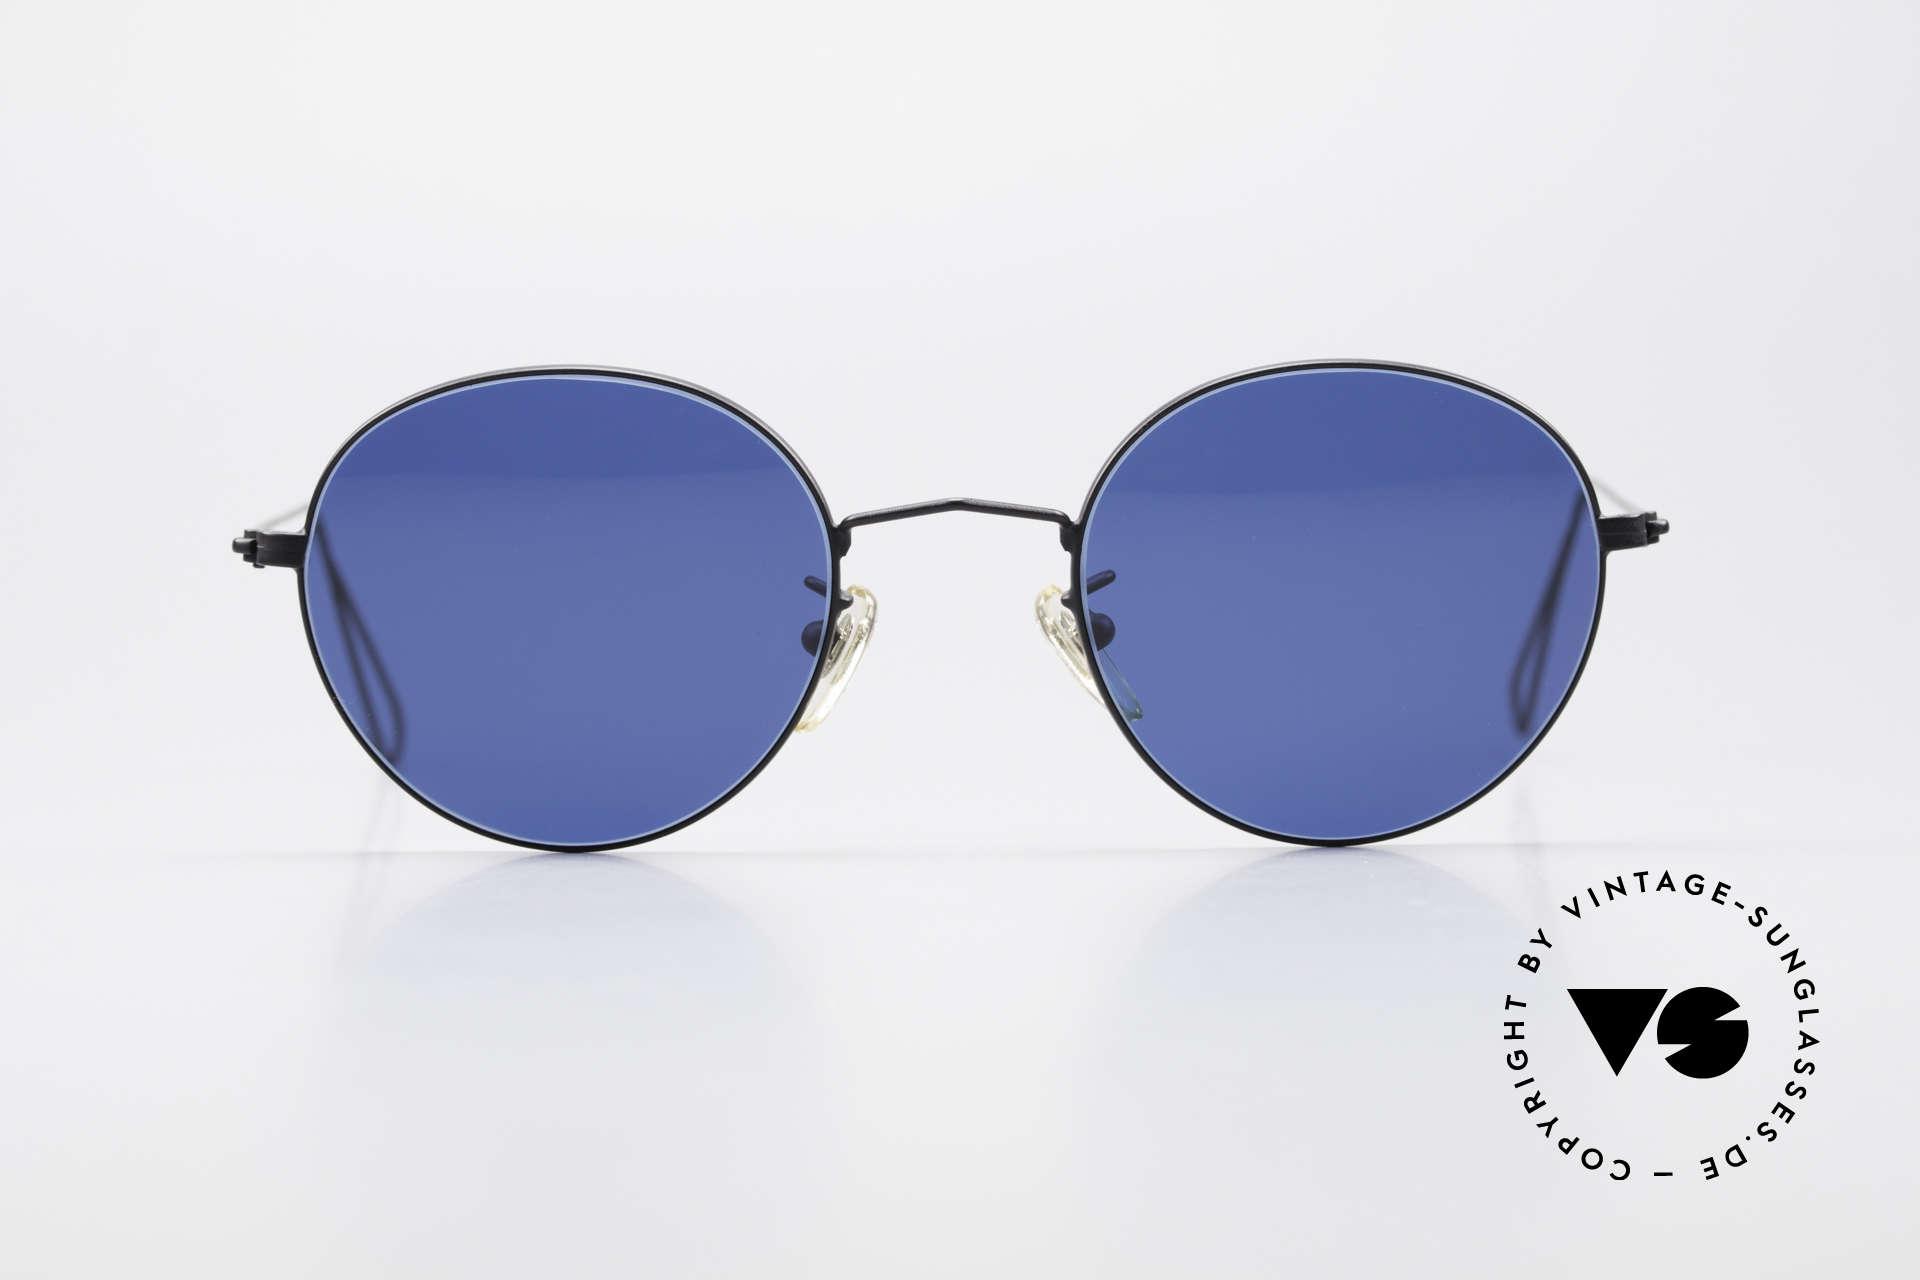 Cutler And Gross 0306 Runde 90er Vintage Brille, klassisch, zeitlose Understatement Luxus-Sonnenbrille, Passend für Herren und Damen